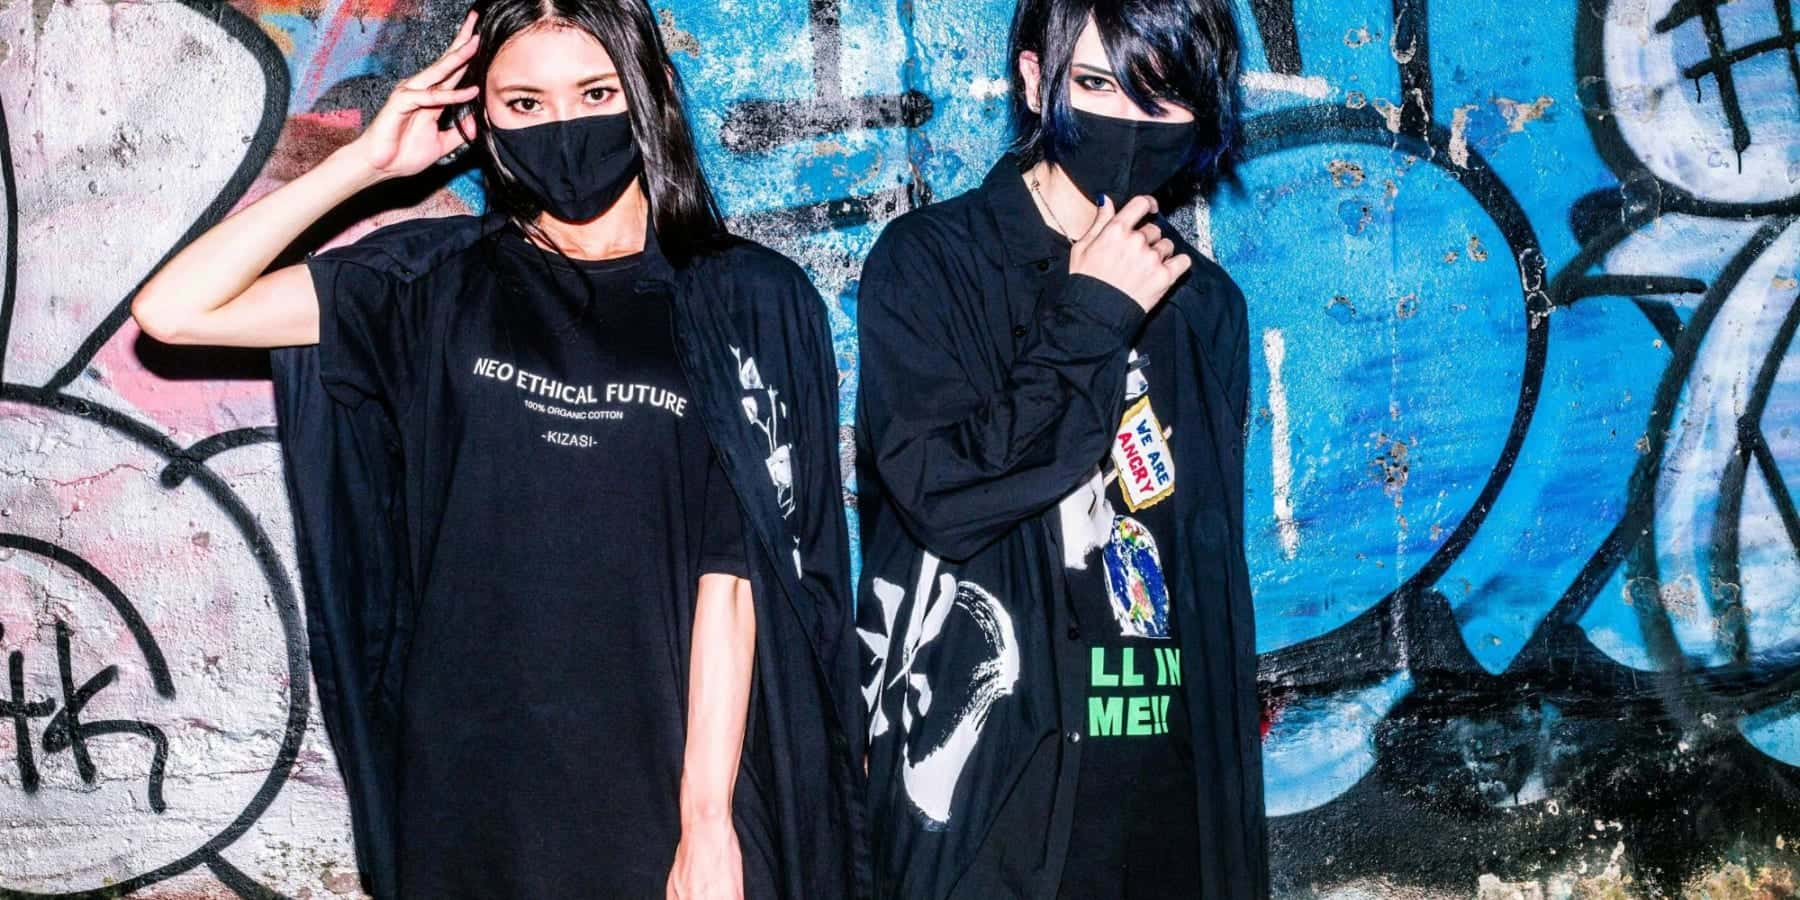 音楽とファッションを掛け合わせたヴィジュアル系エシカルブランド「?兆-KIZASI-」